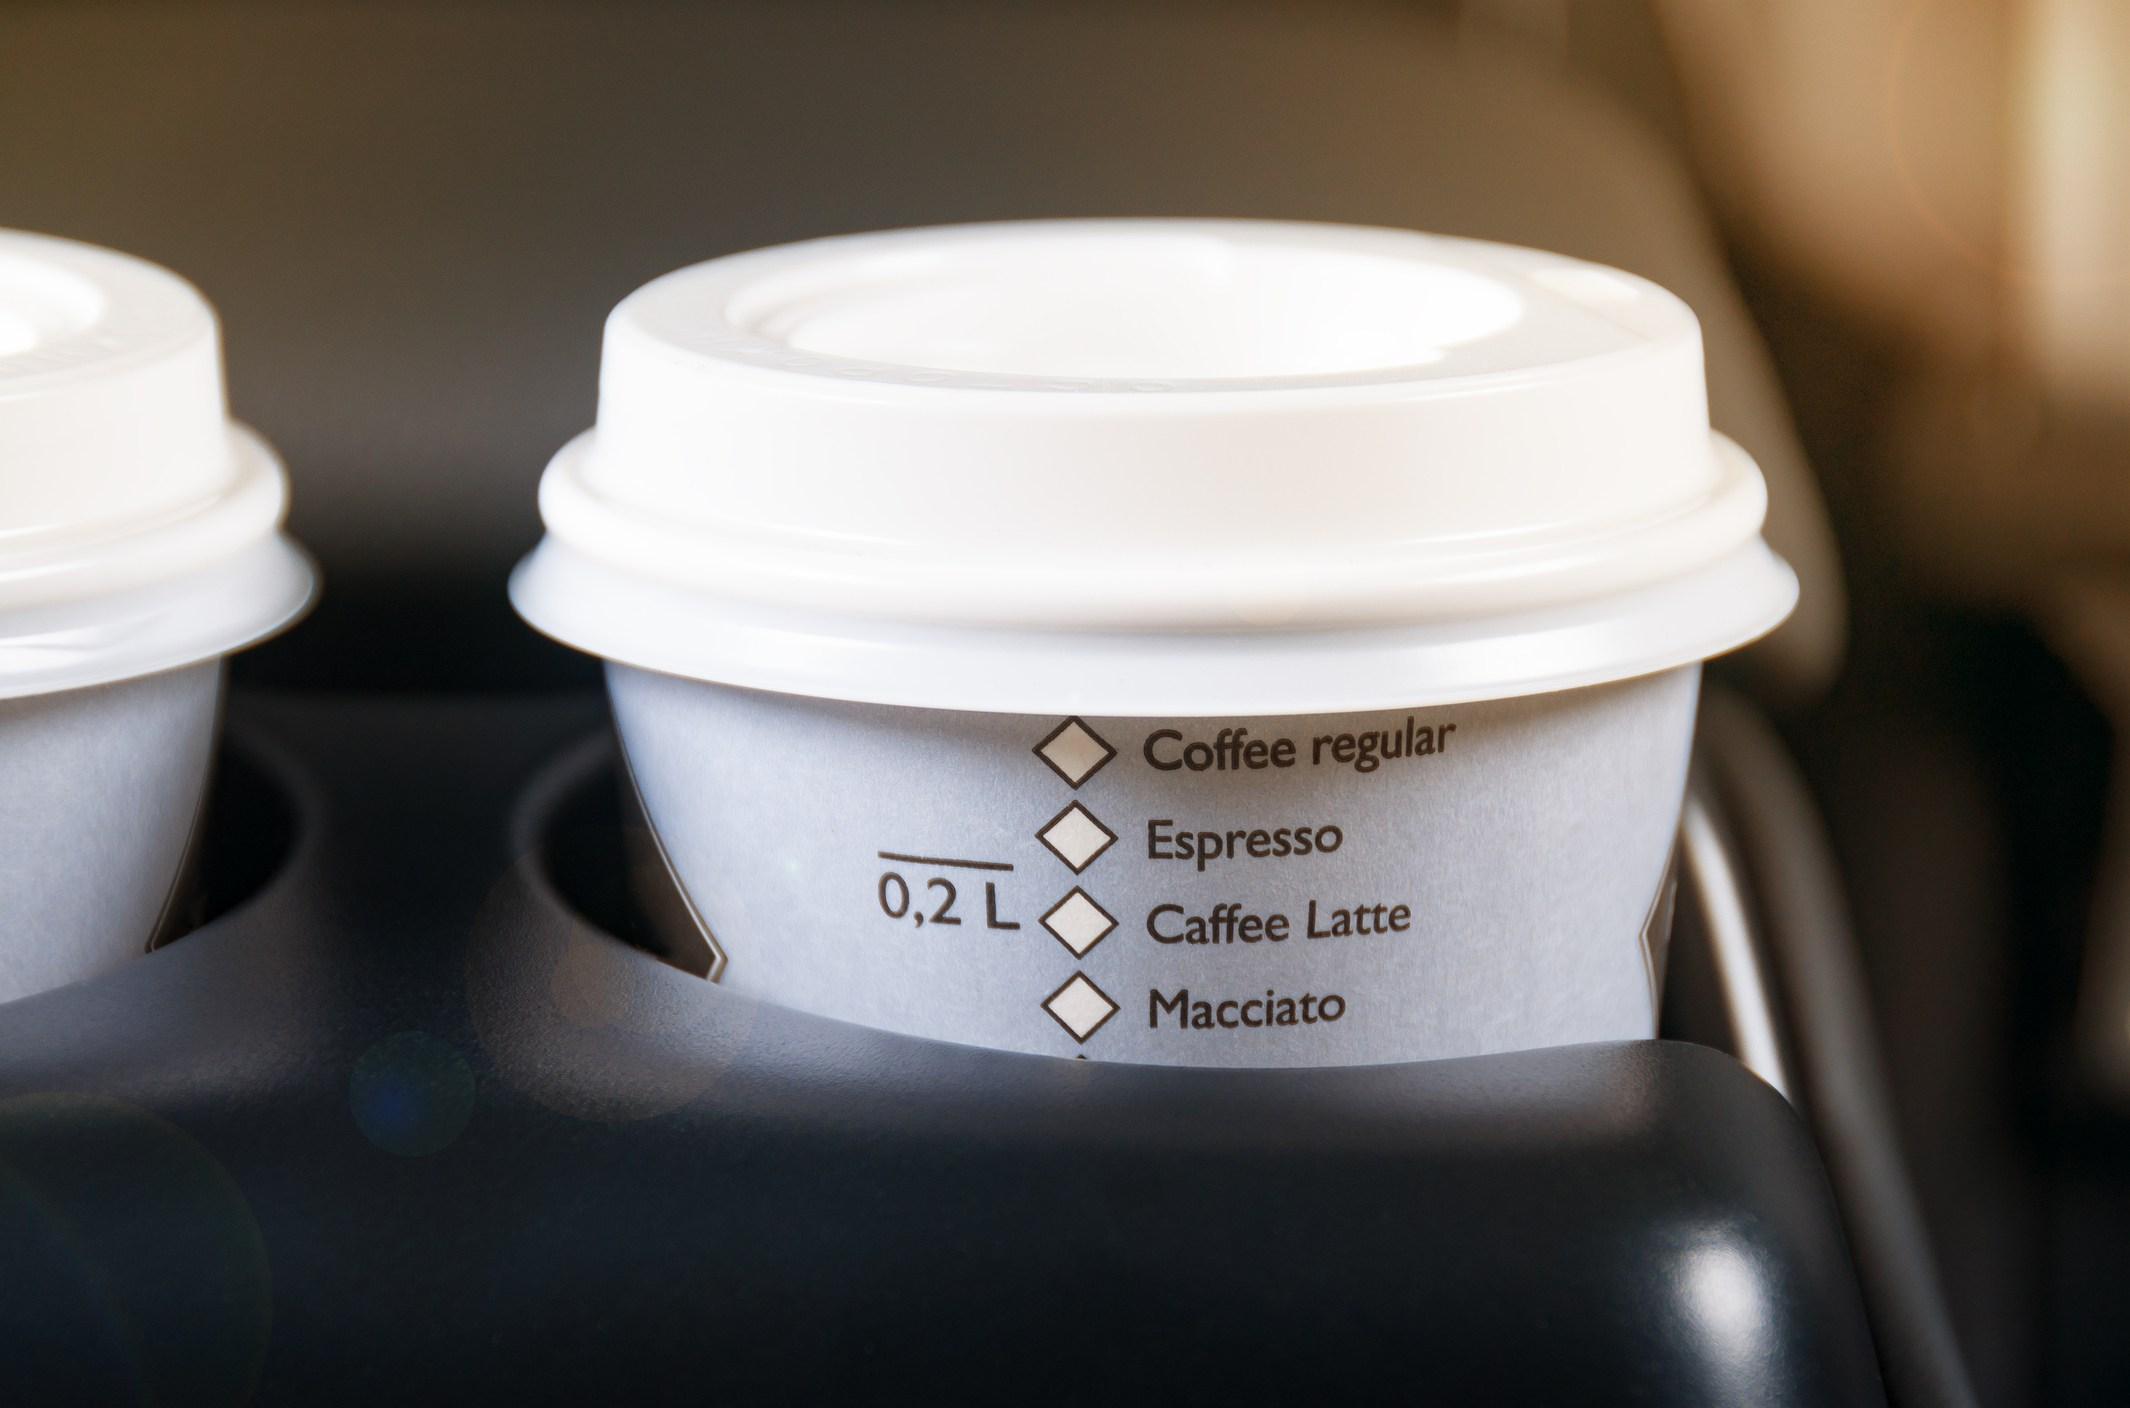 Поэтому так важны подстаканники в машине, позволяющие всегда иметь под рукой запас жидкости.